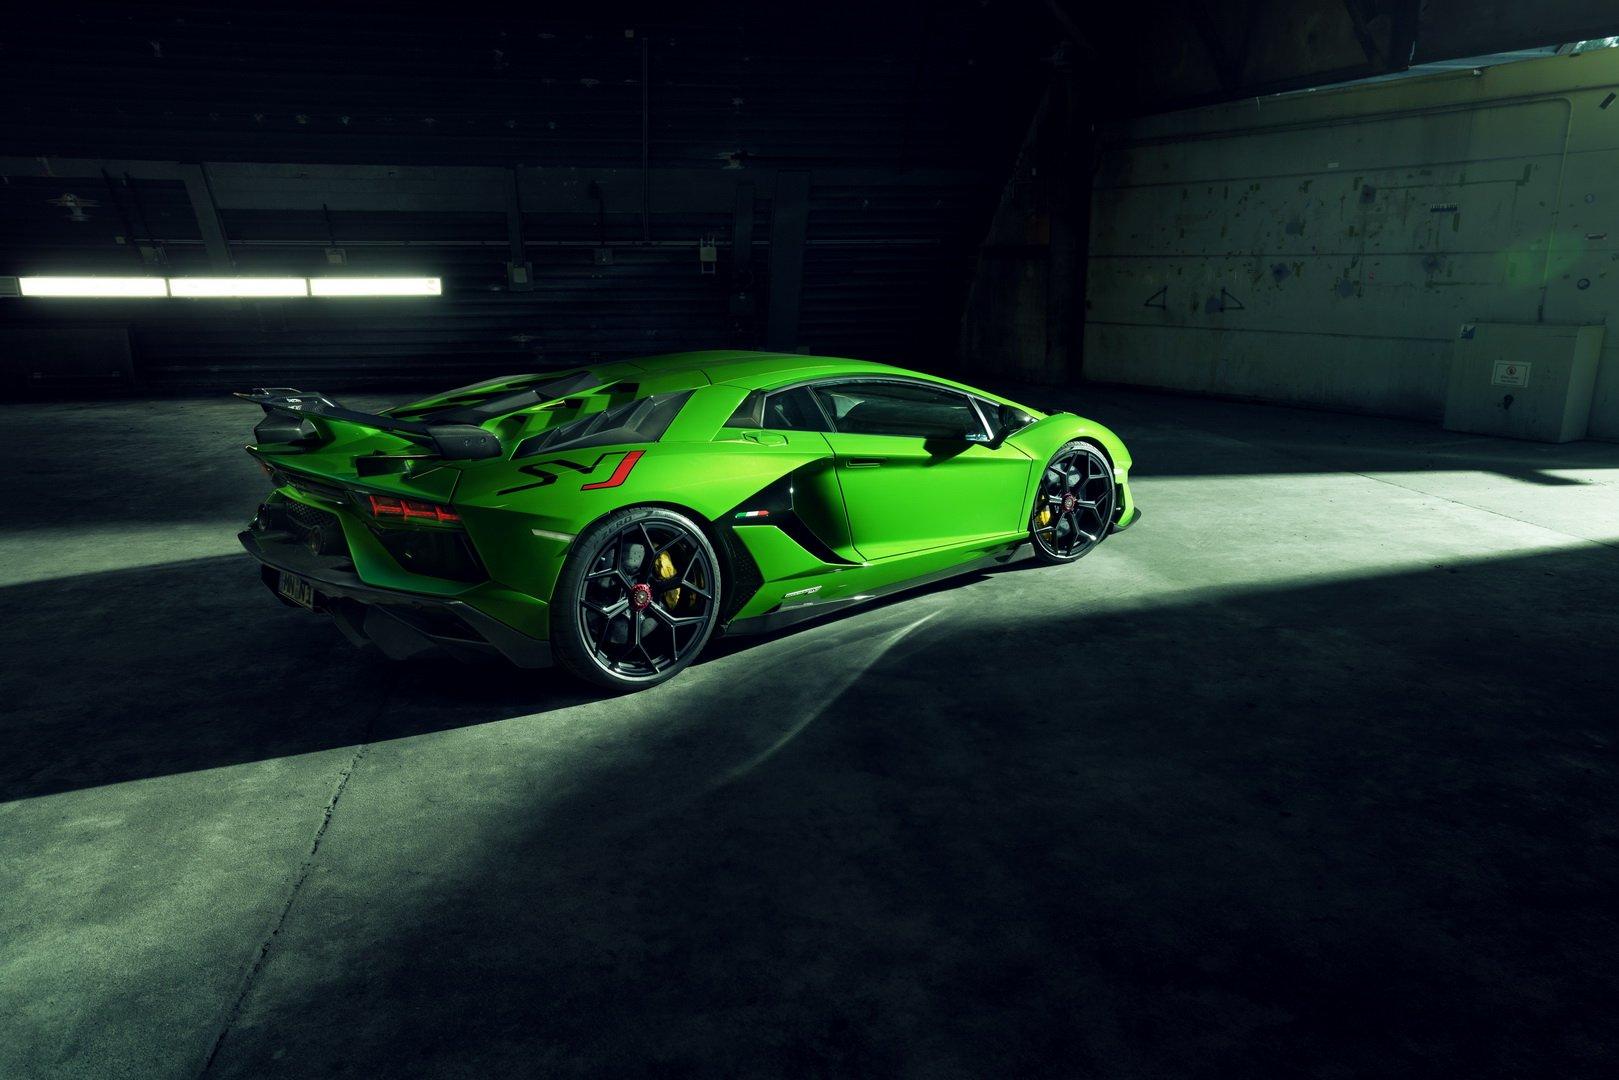 Lamborghini-Aventador-SVJ-by-Novitec-2